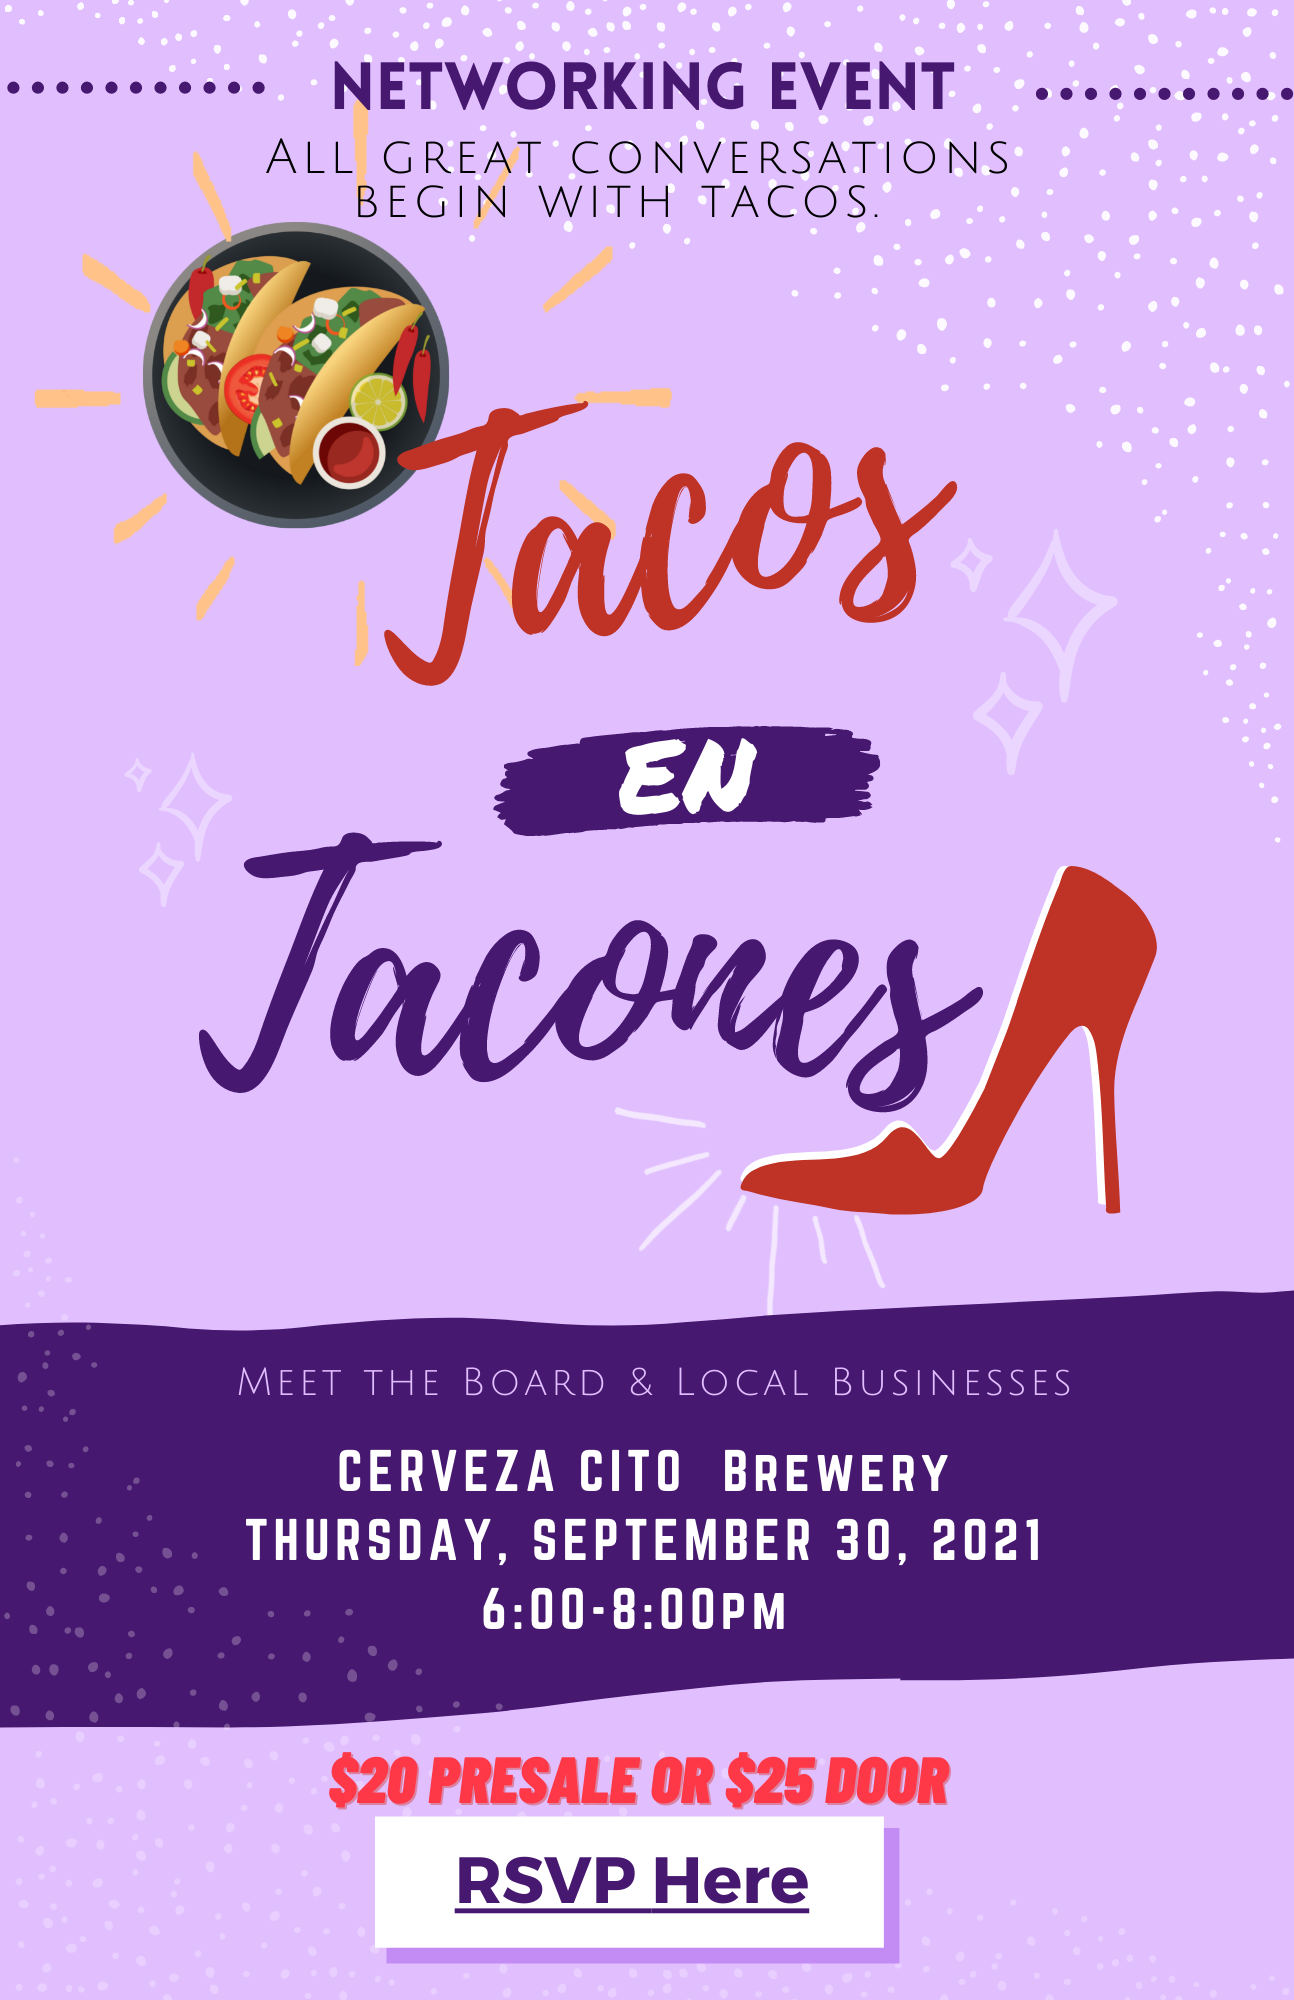 flyer tacos en tacones 9-30-21